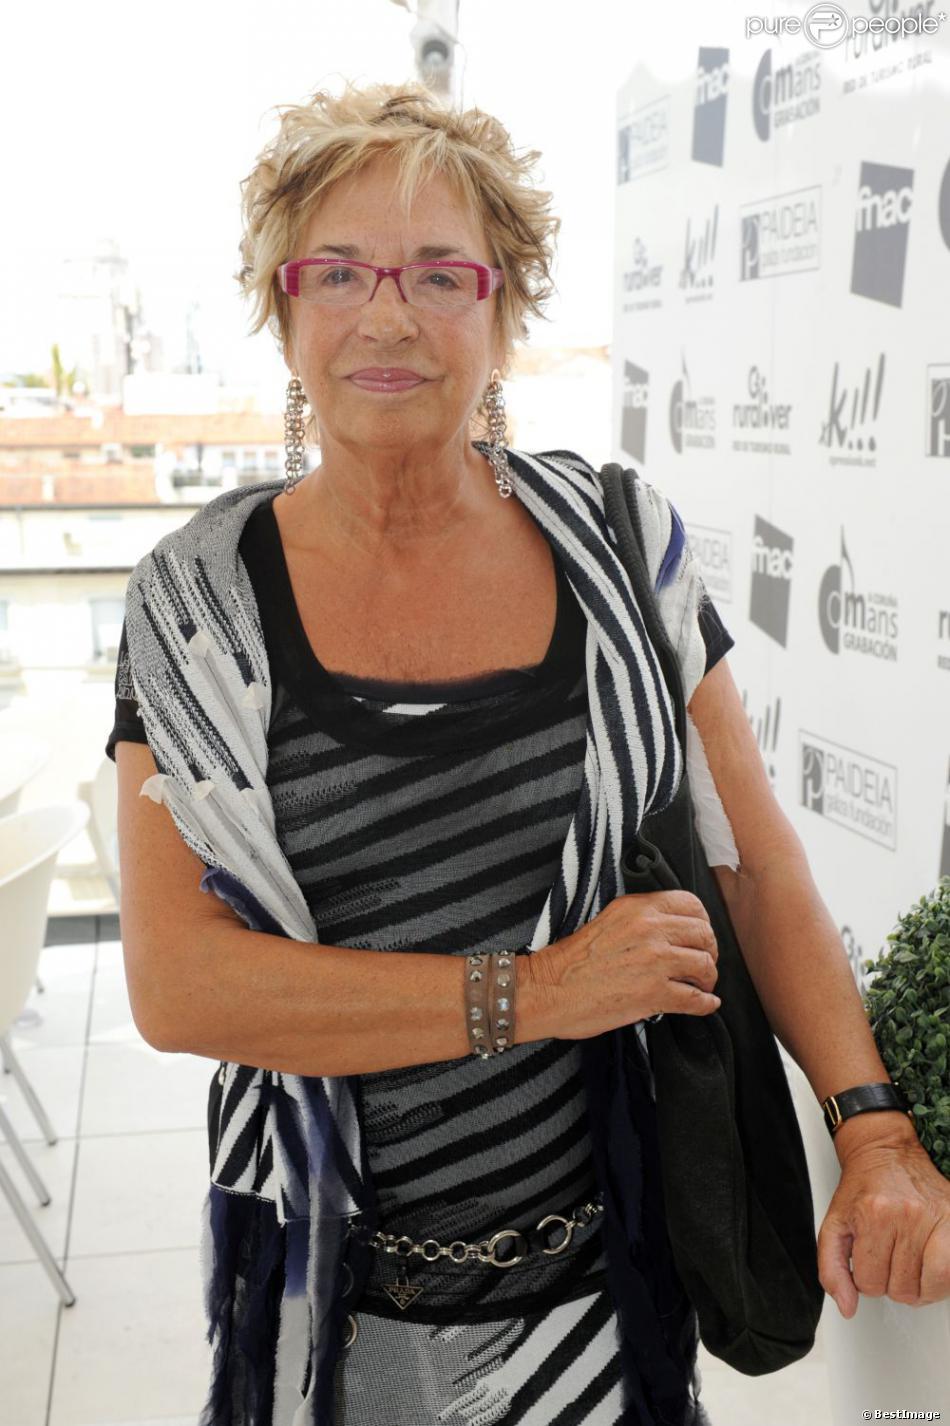 Rosalia Mera, ex-épouse d'Amancio Ortega et cofondatrice avec lui de l'empire Inditex (Zara), femme la plus riche d'Espagne et self-made woman la plus riche au monde, est morte le 15 août 2013 après avoir été victime la veille d'une attaque cérébrale lors de ses vacances à Minorque.